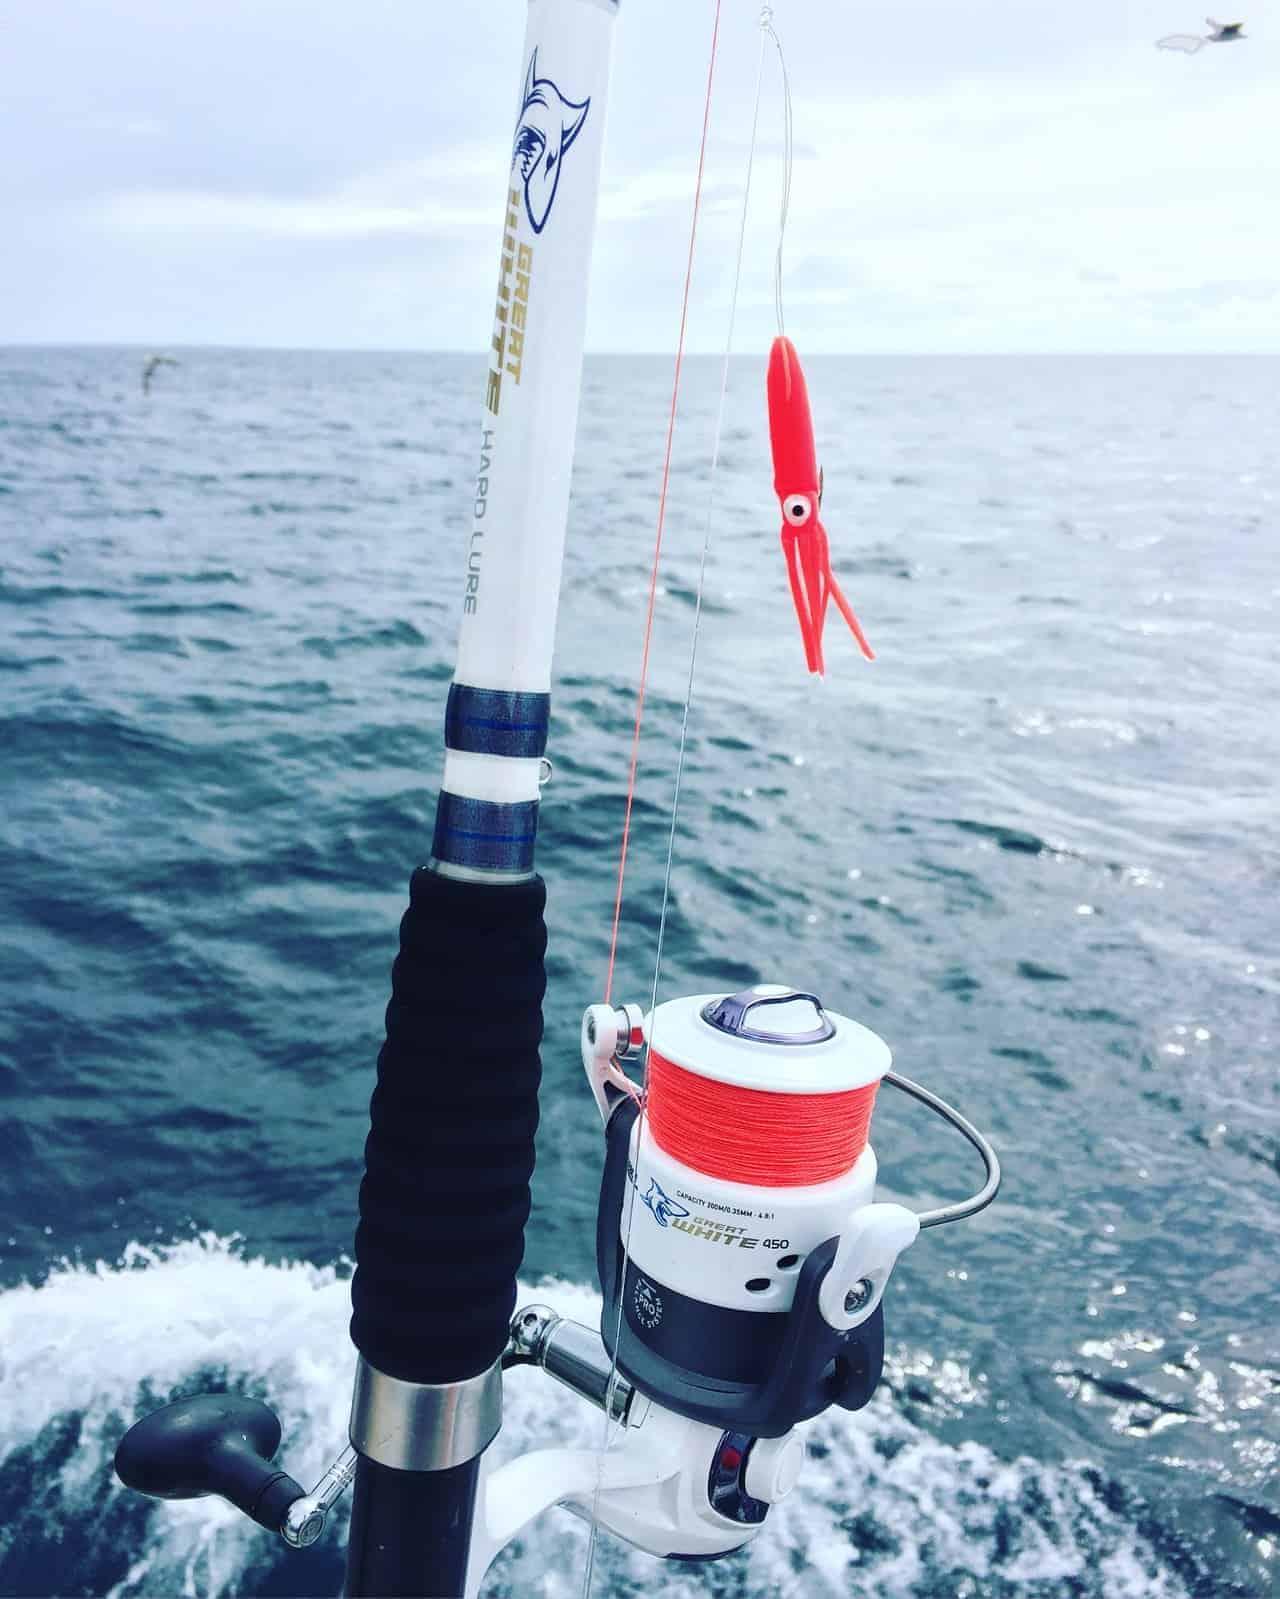 Lad pirken hænge og fang flere fisk